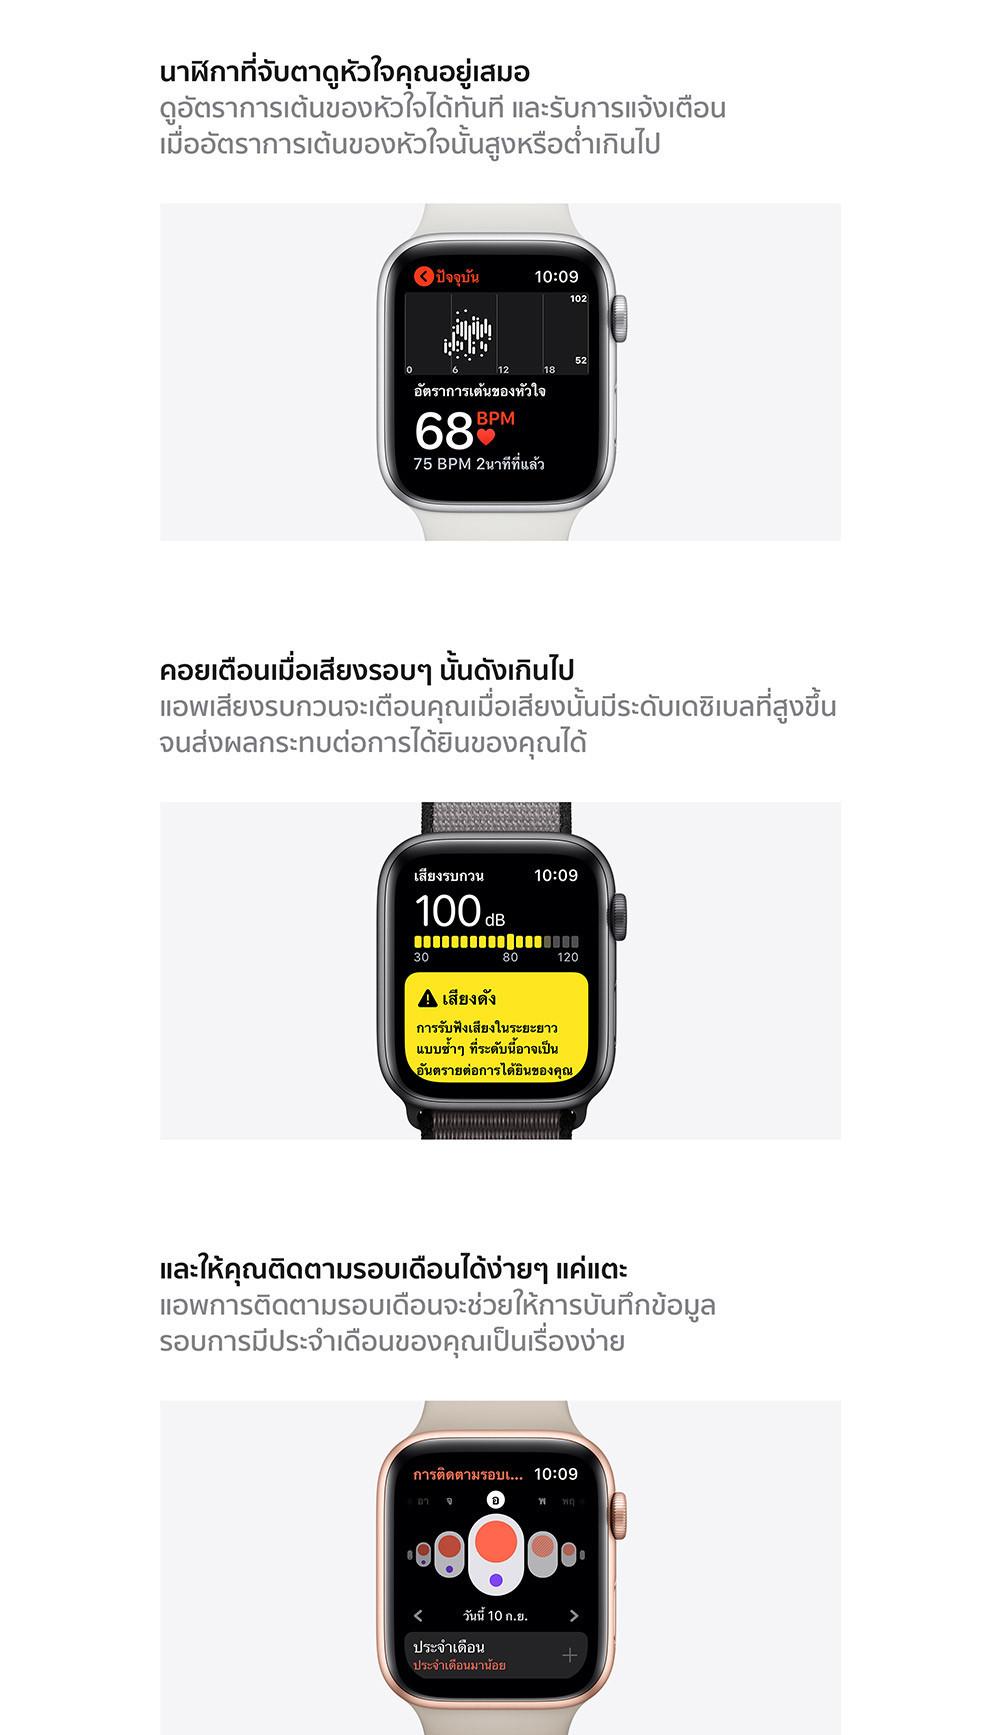 c2applewatchseries52.jpg